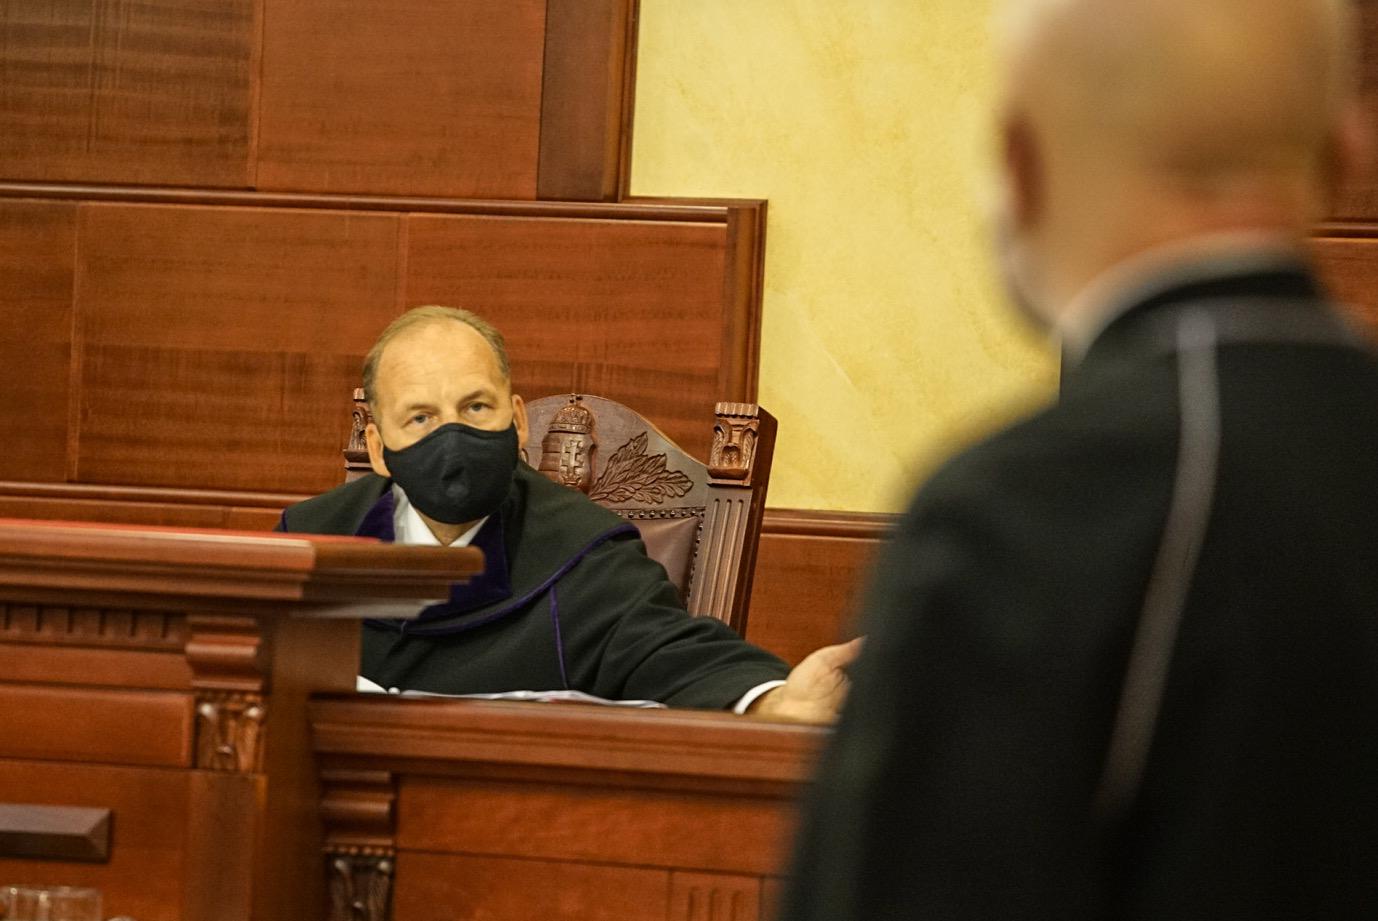 Letartóztatták a felesége meggyilkolásával vádolt darnózseli hentest, de egyelőre nem született ítélet az ügyében